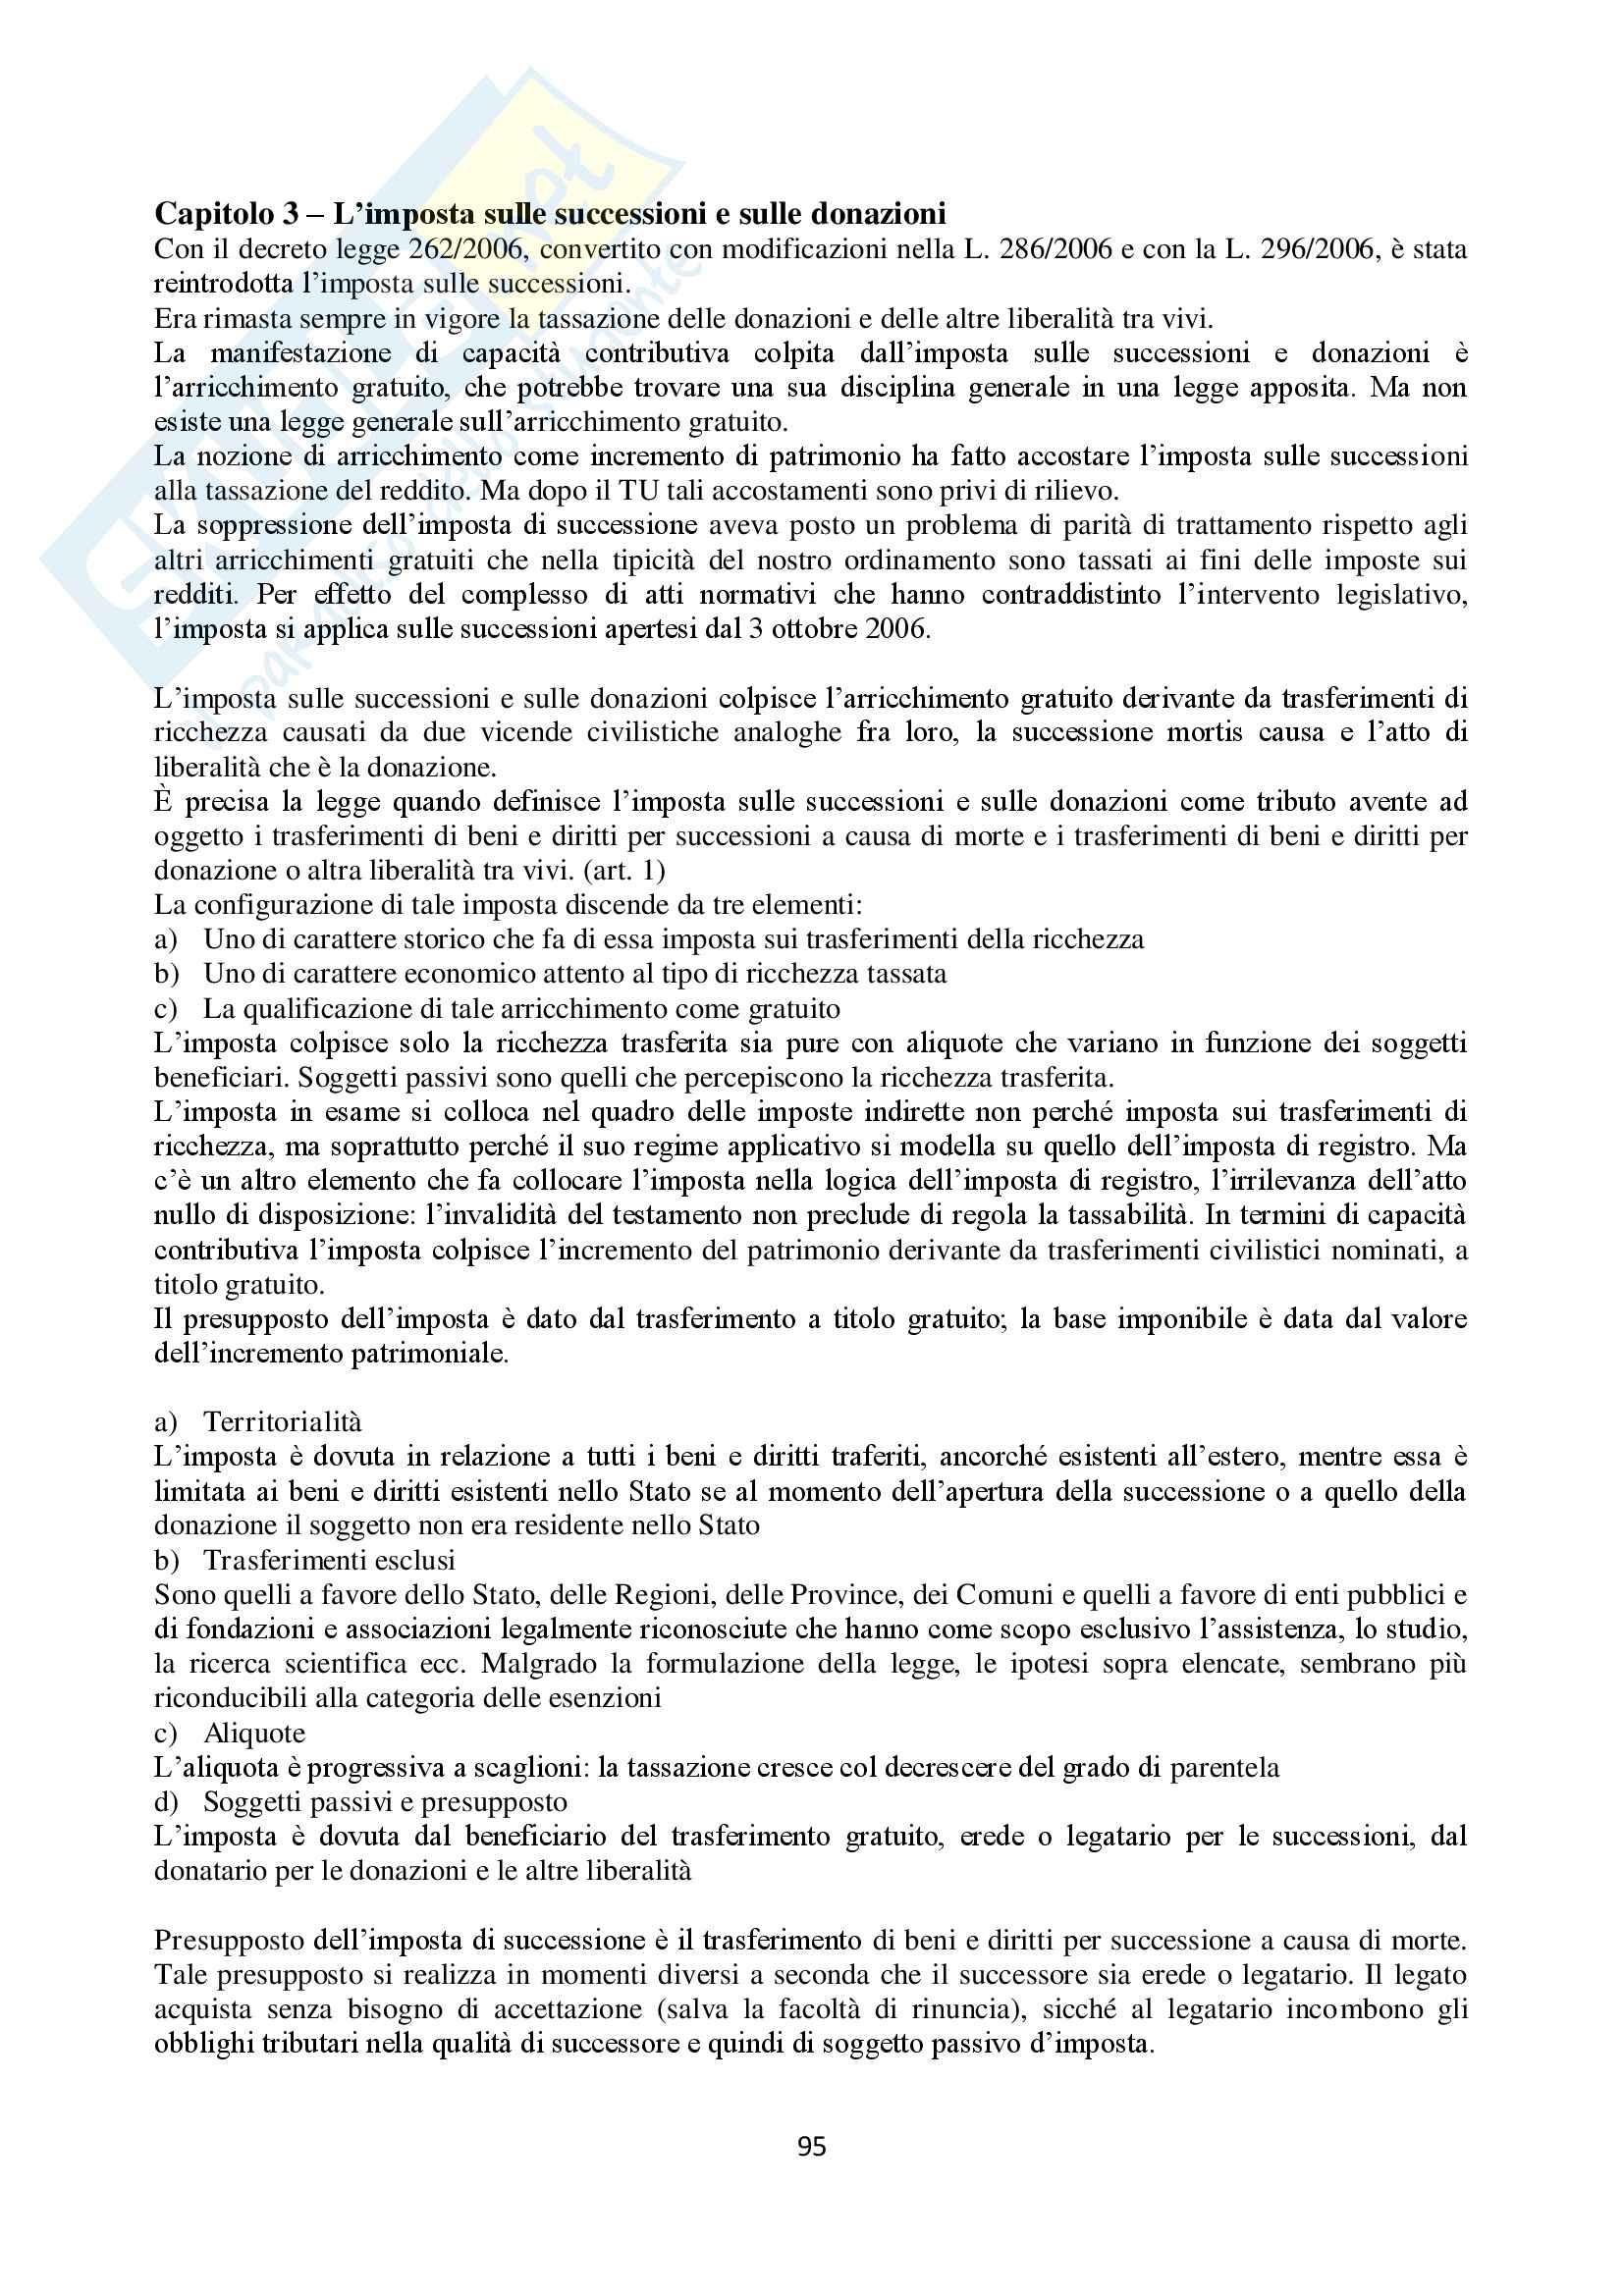 Appunti Diritto Tributario Pag. 96